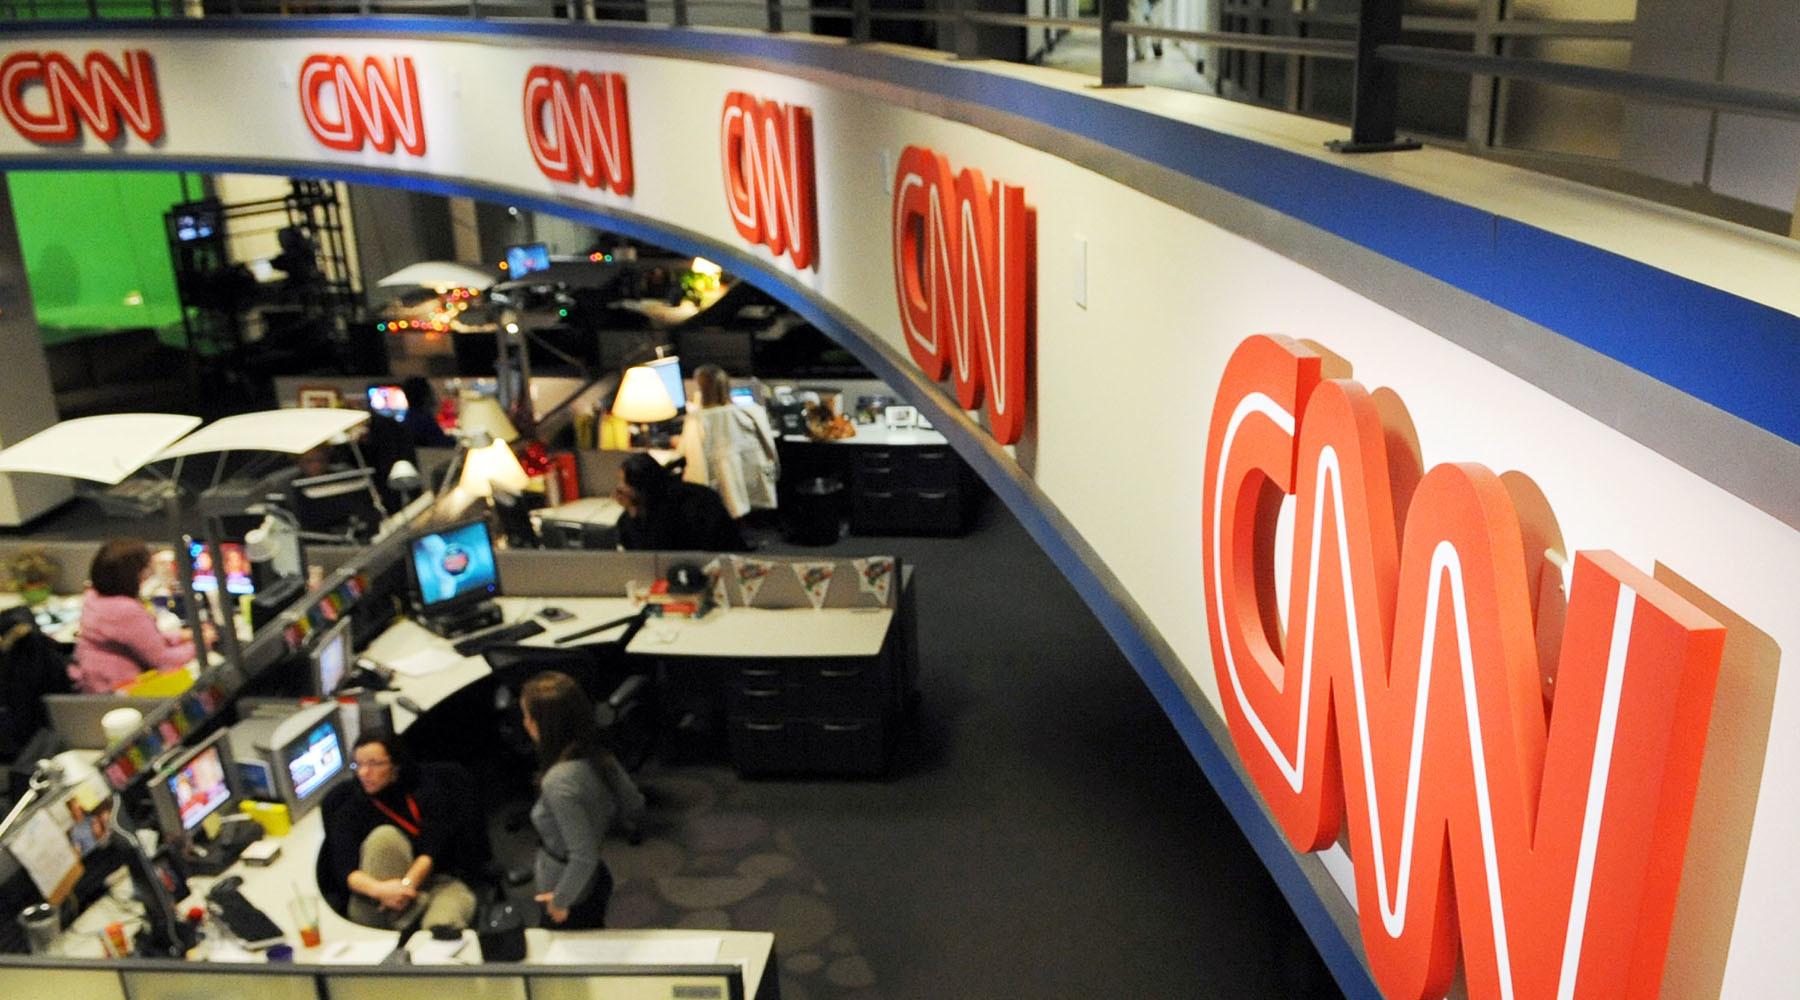 Ну тупые: что в CNN думают об американских избирателях и Трампе